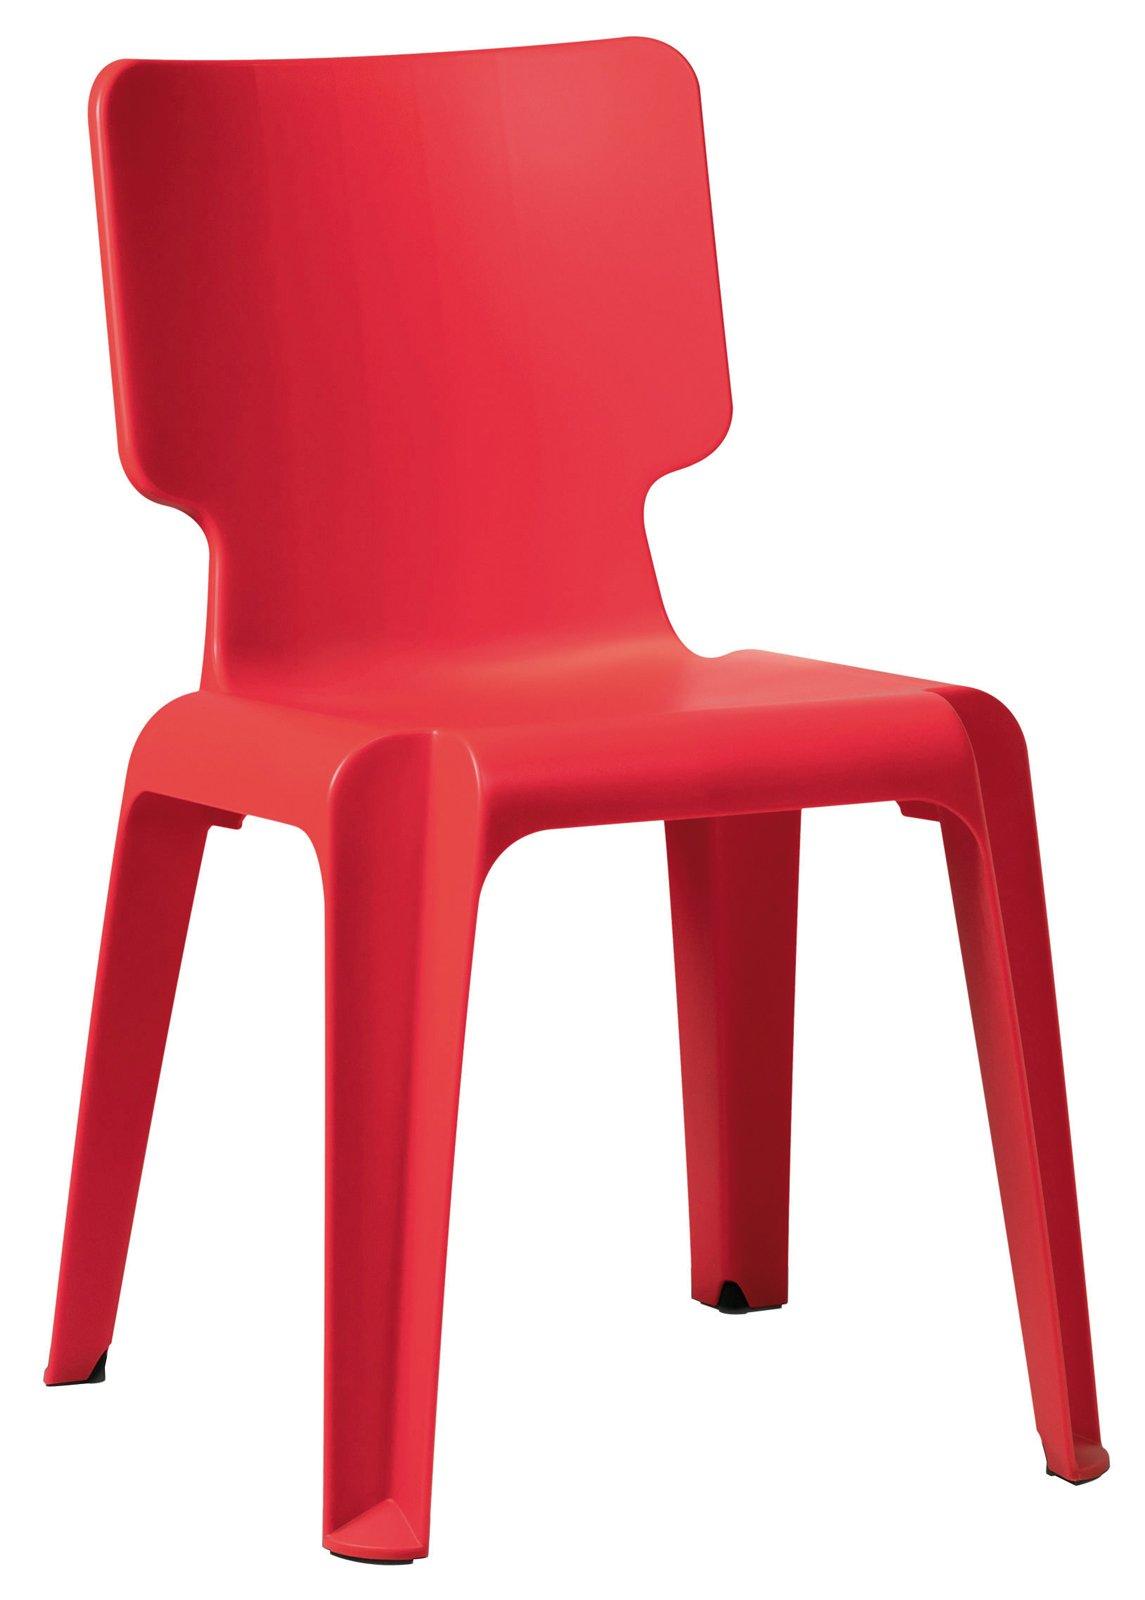 Sedie Rosse Trasparenti.Sedie Low Cost 15 Modelli A Meno Di 100 Euro Cose Di Casa